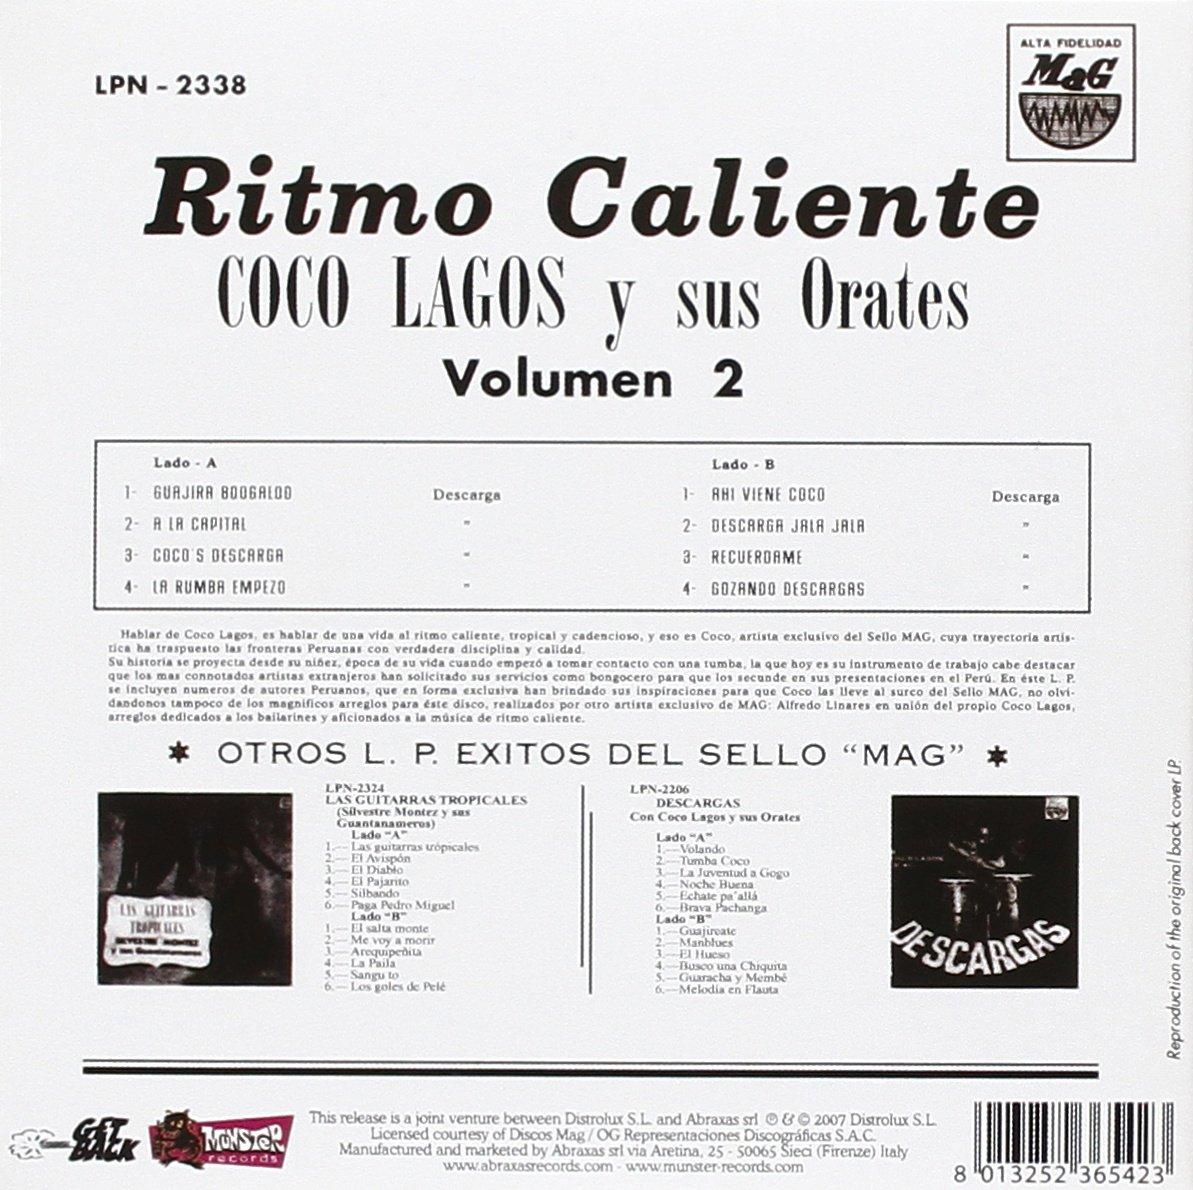 Ritmo Caliente: Coco Lagos Y Sus Orates: Amazon.es: Música